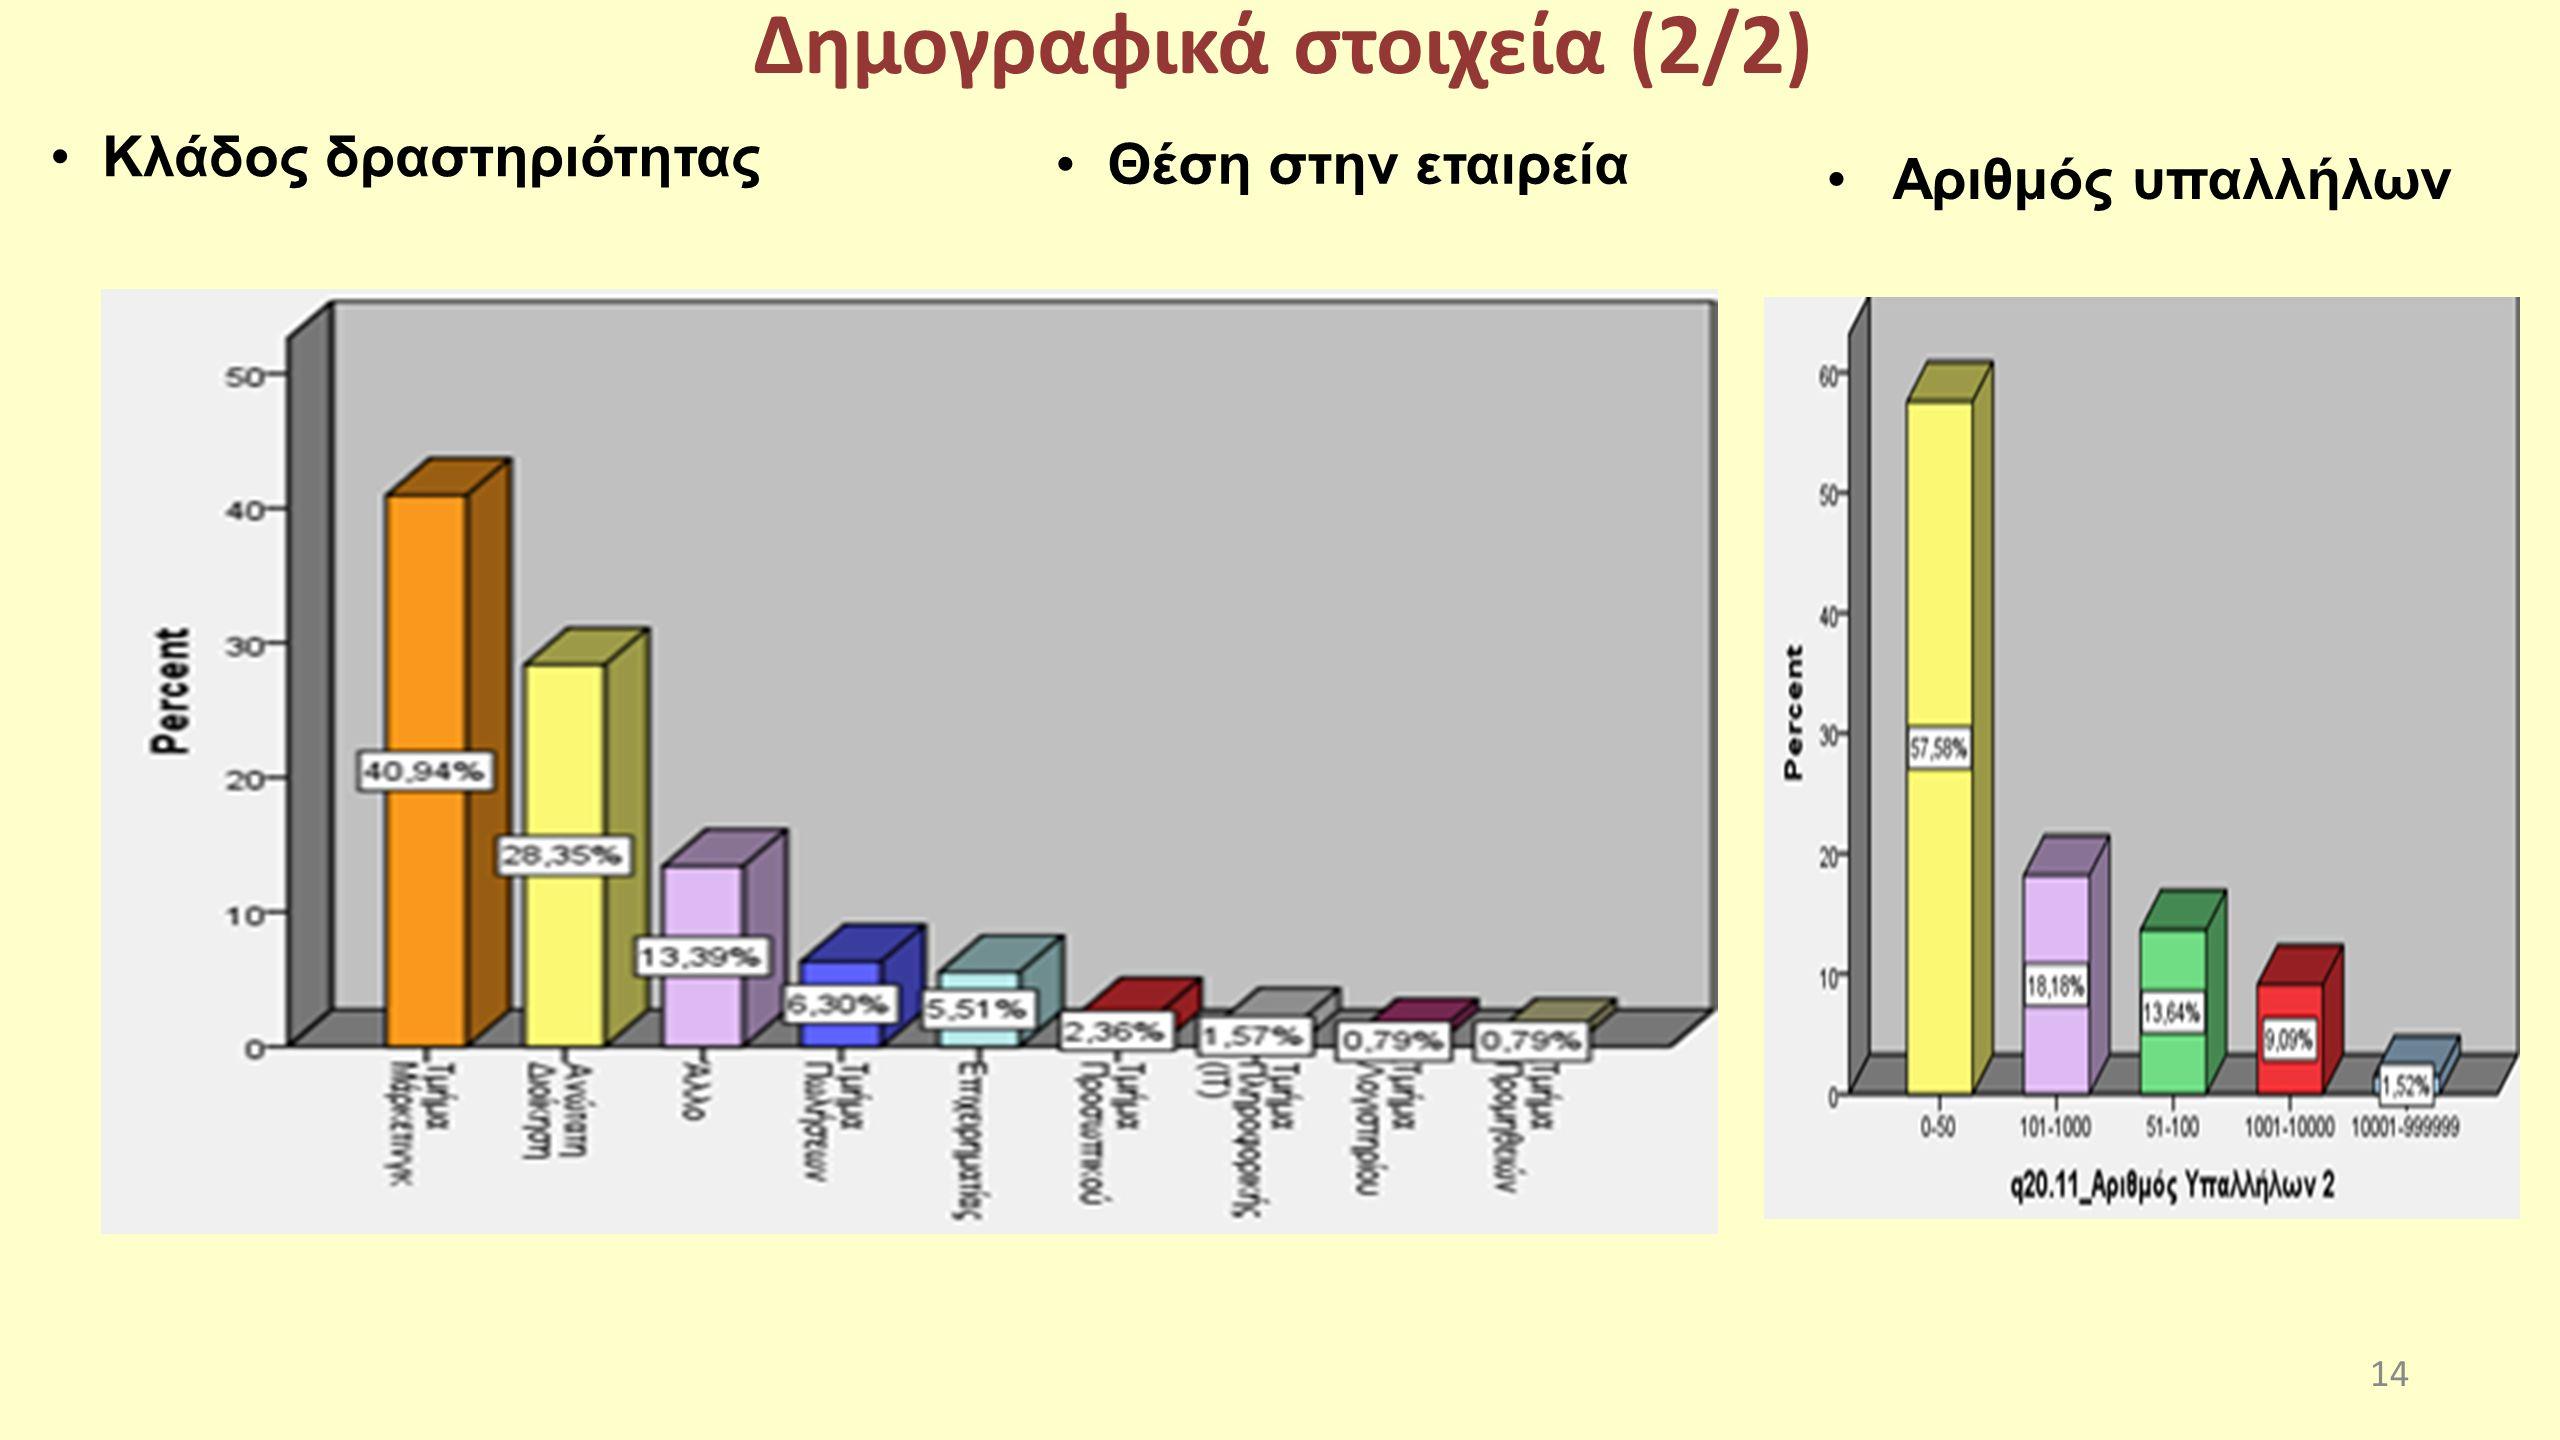 Δημογραφικά στοιχεία (2/2) Κλάδος δραστηριότητας 14 Θέση στην εταιρεία Αριθμός υπαλλήλων